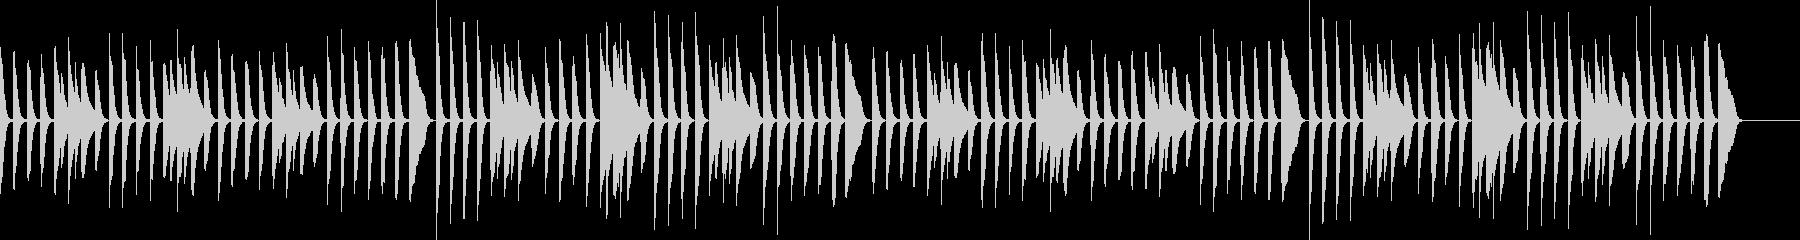 ピアノ/可愛い/ほのぼの/日常/シンプルの未再生の波形